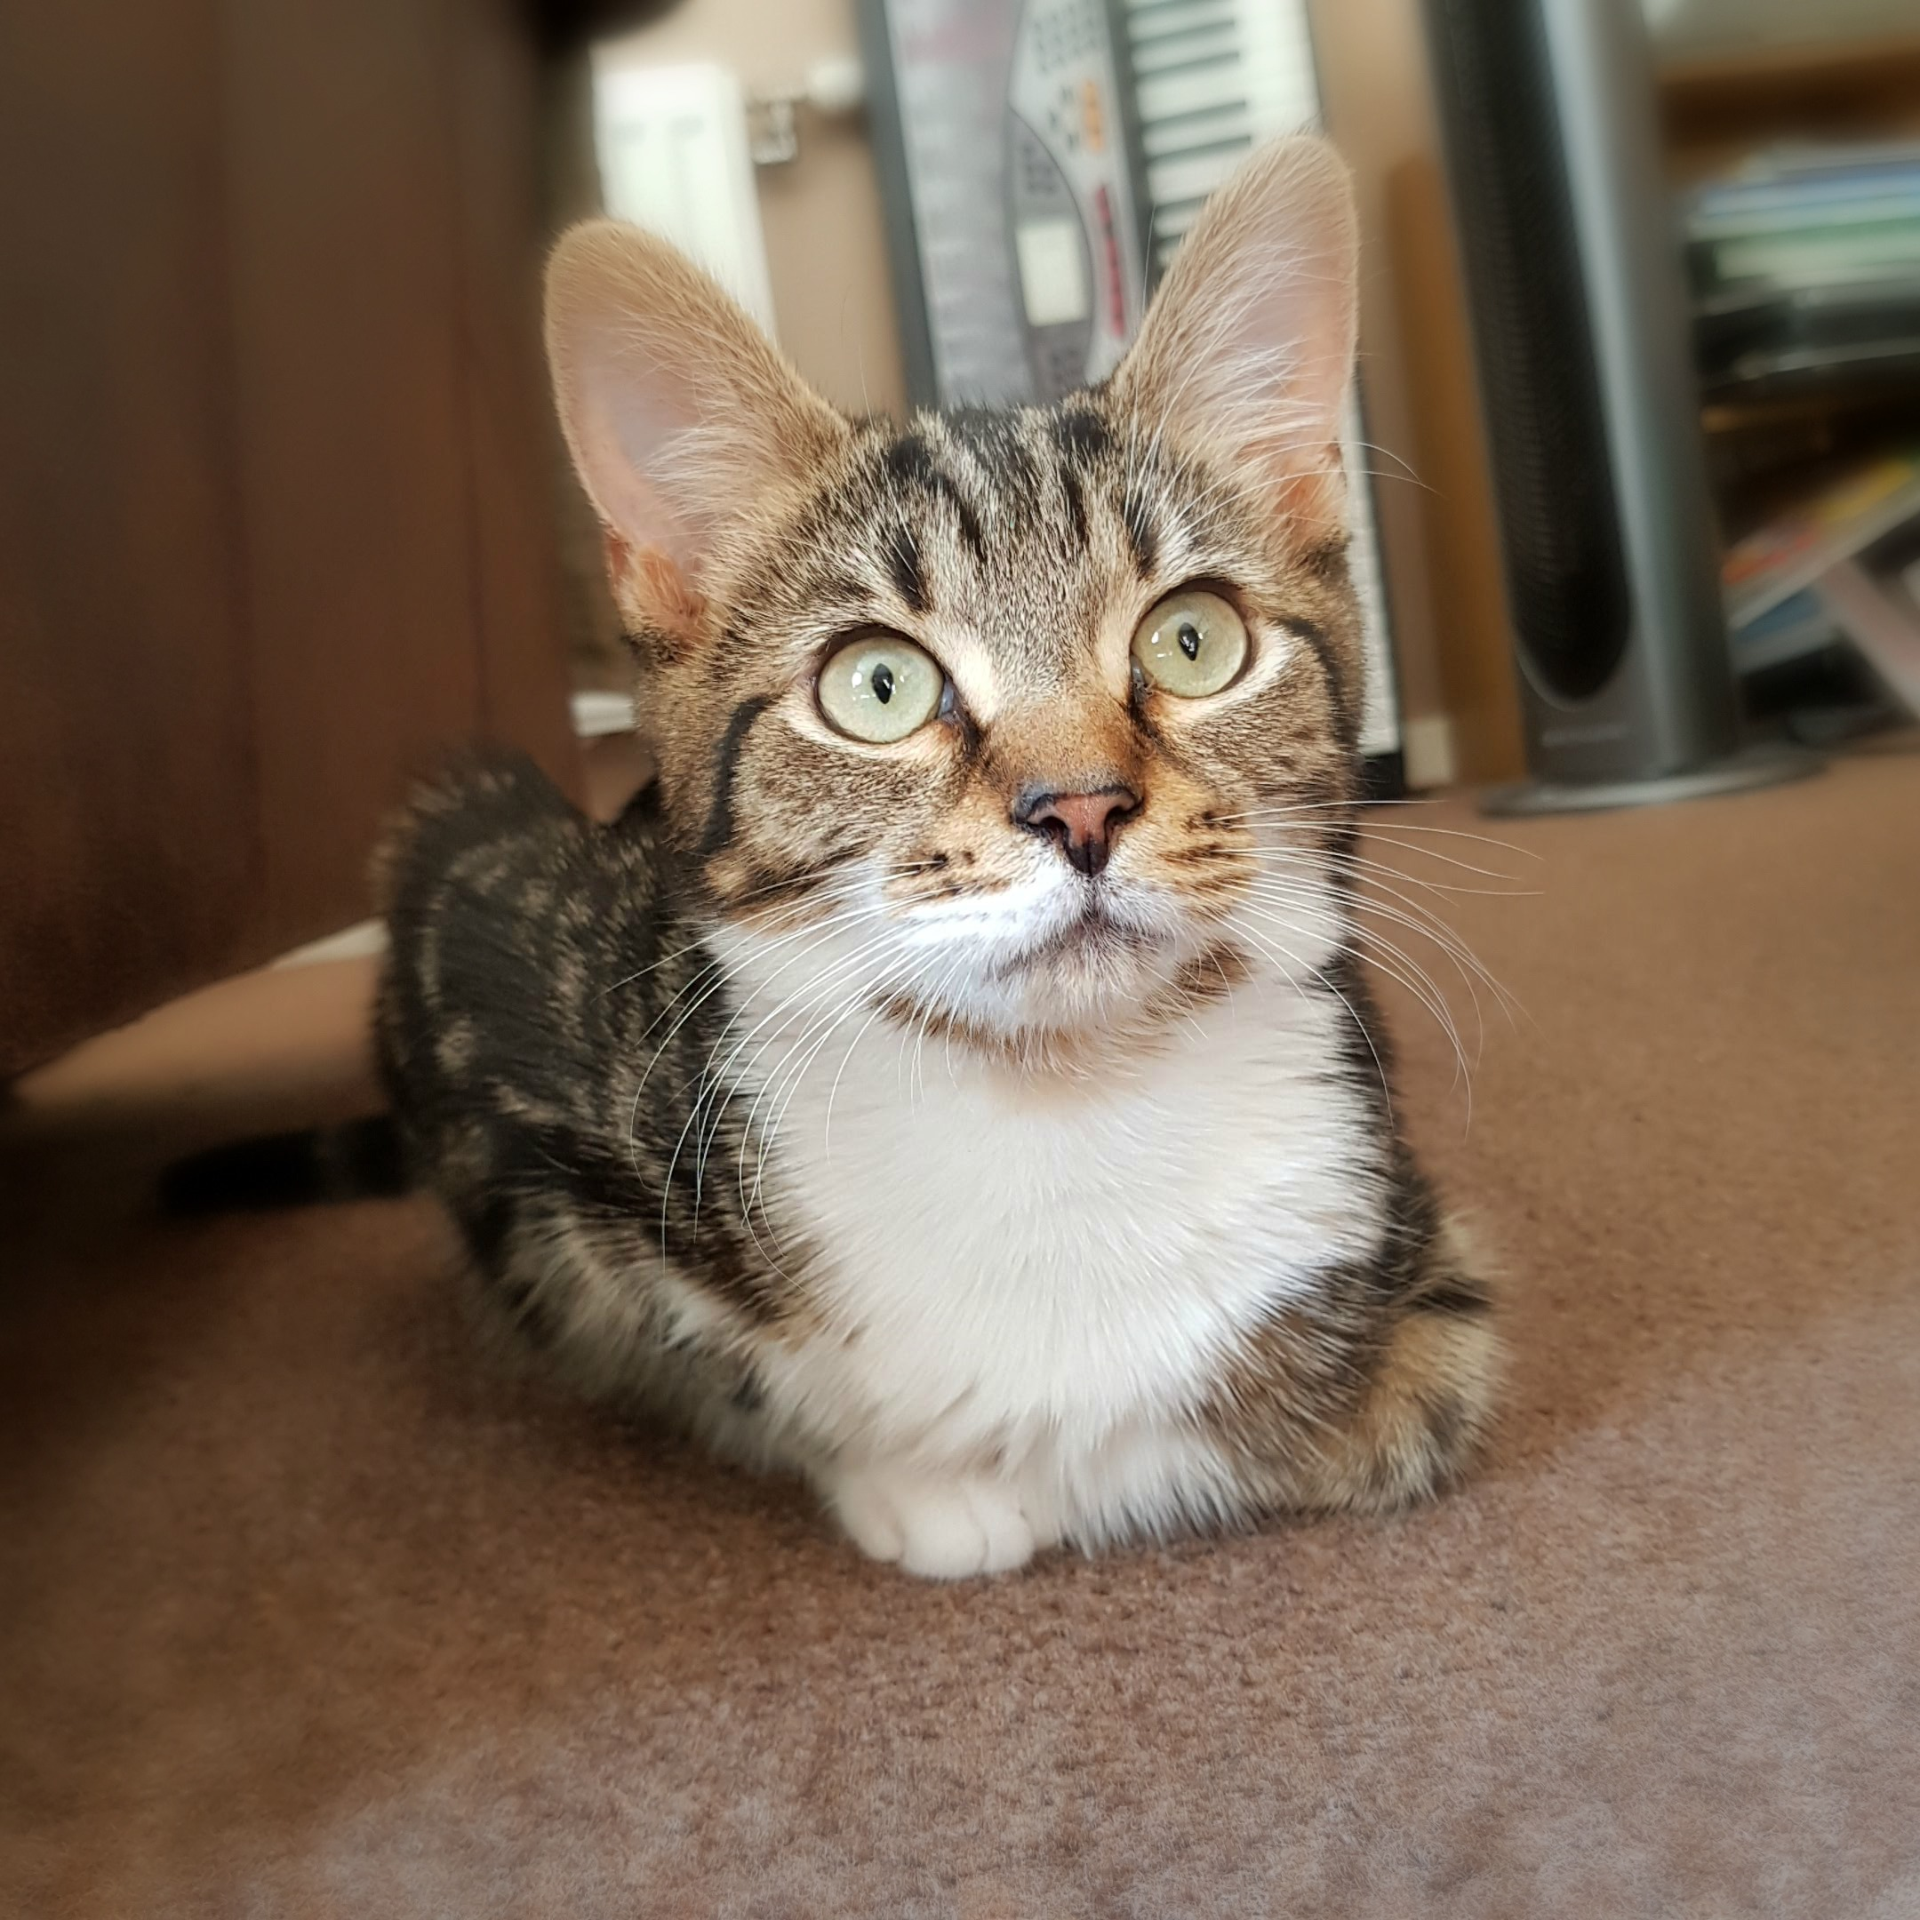 Ash the kitten